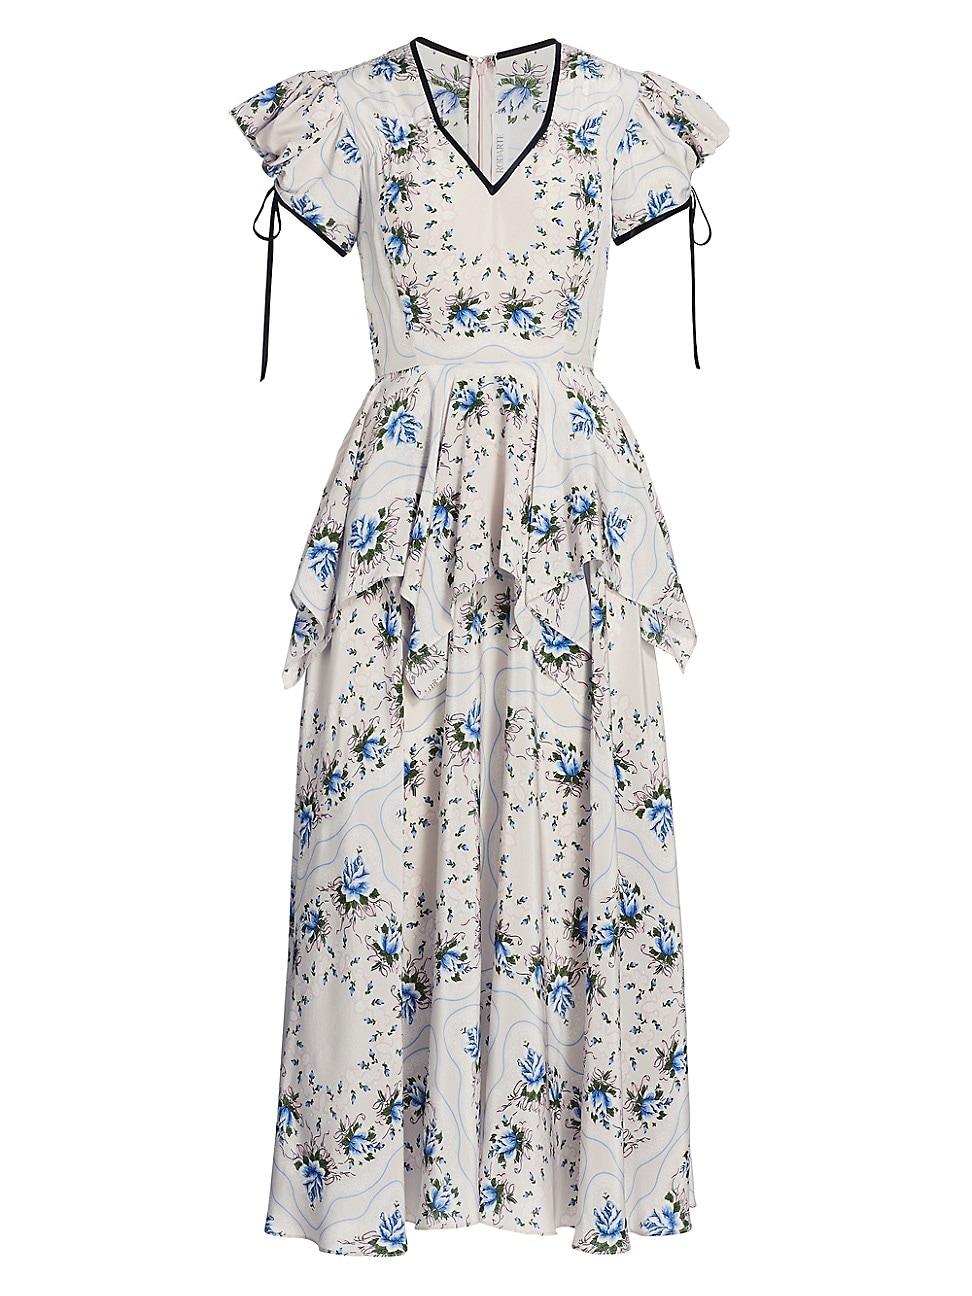 Rodarte WOMEN'S FLORAL-PRINT SILK PEPLUM DRESS